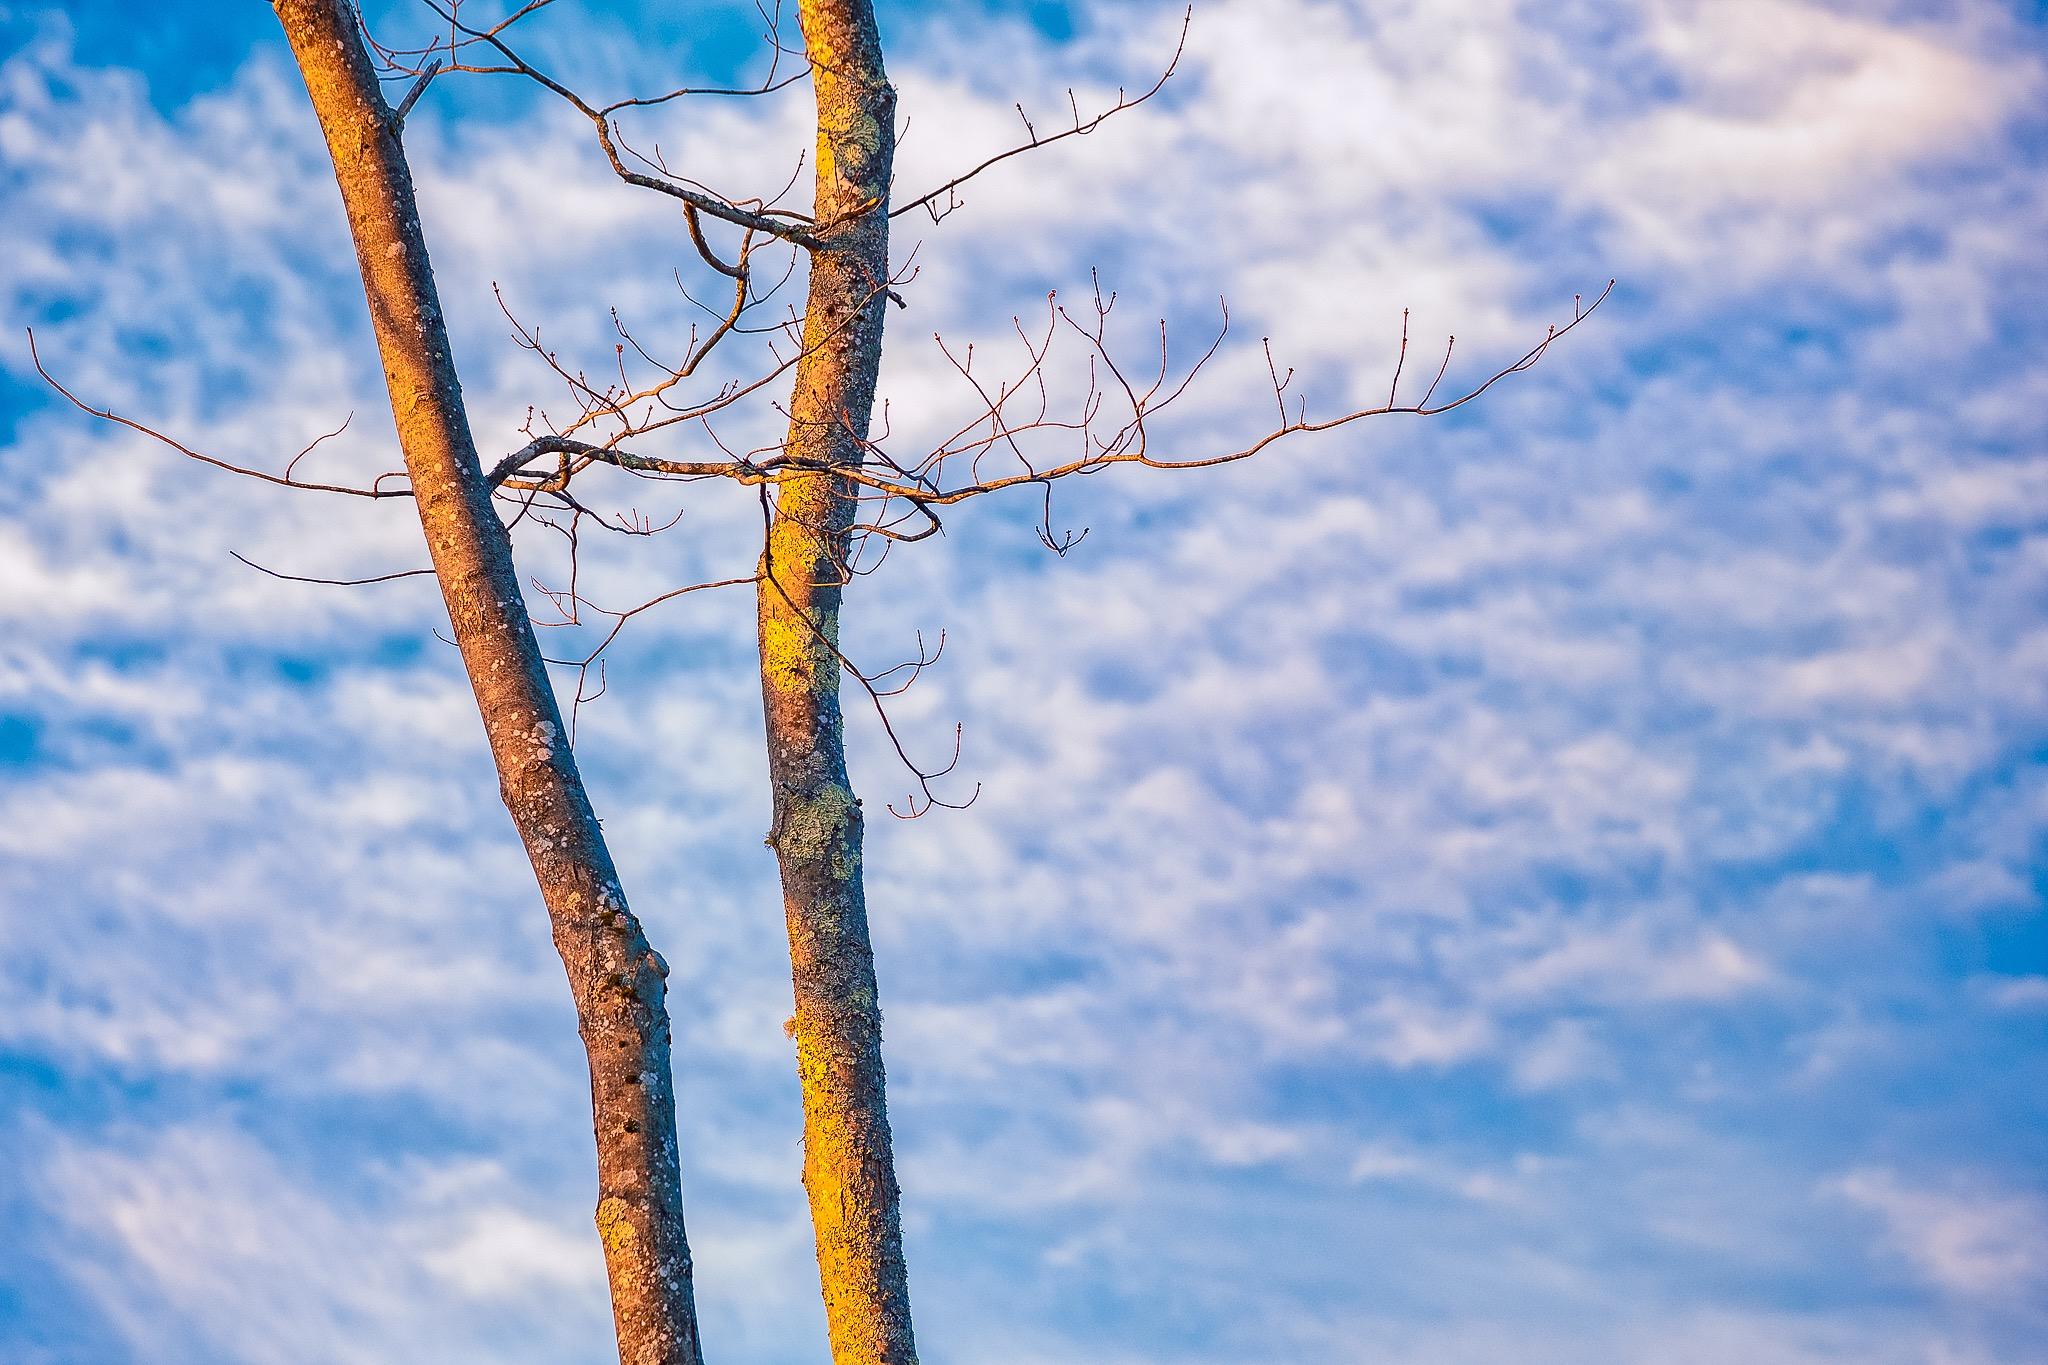 bare oak trees against the morning sky